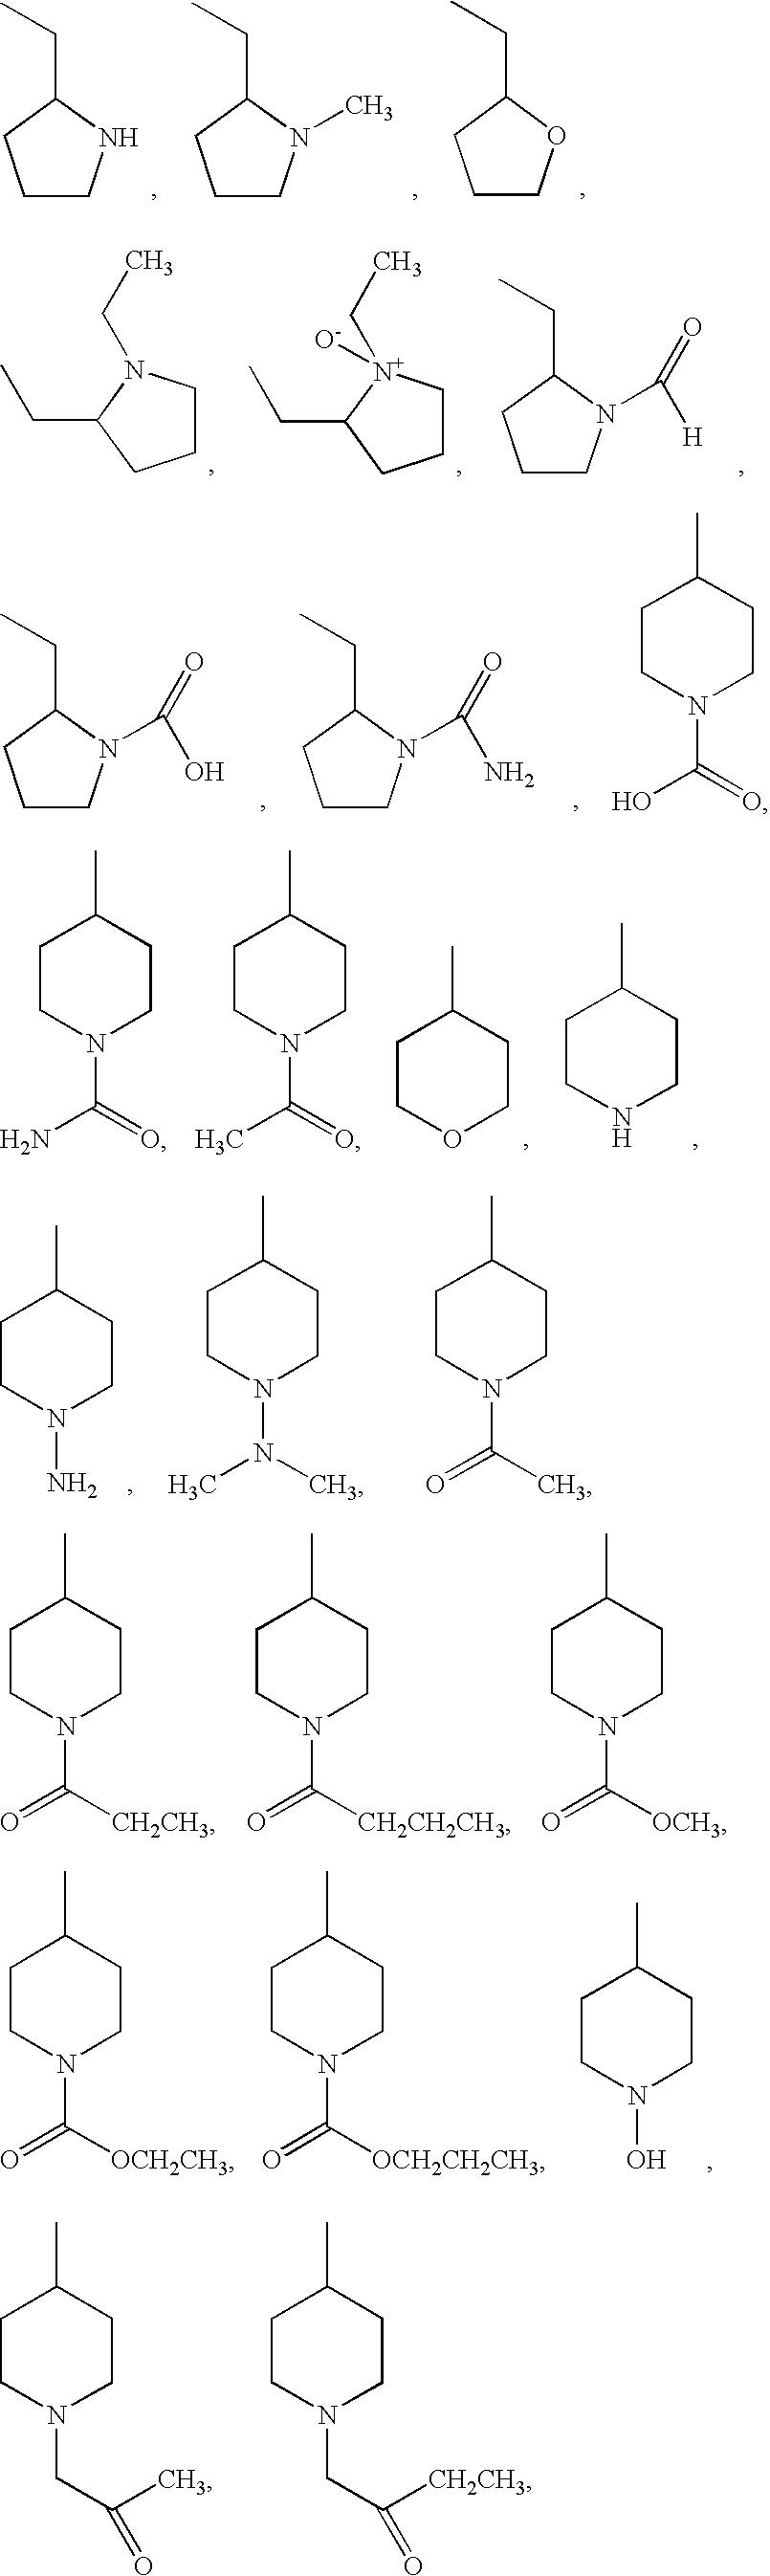 Figure US20050113341A1-20050526-C00085